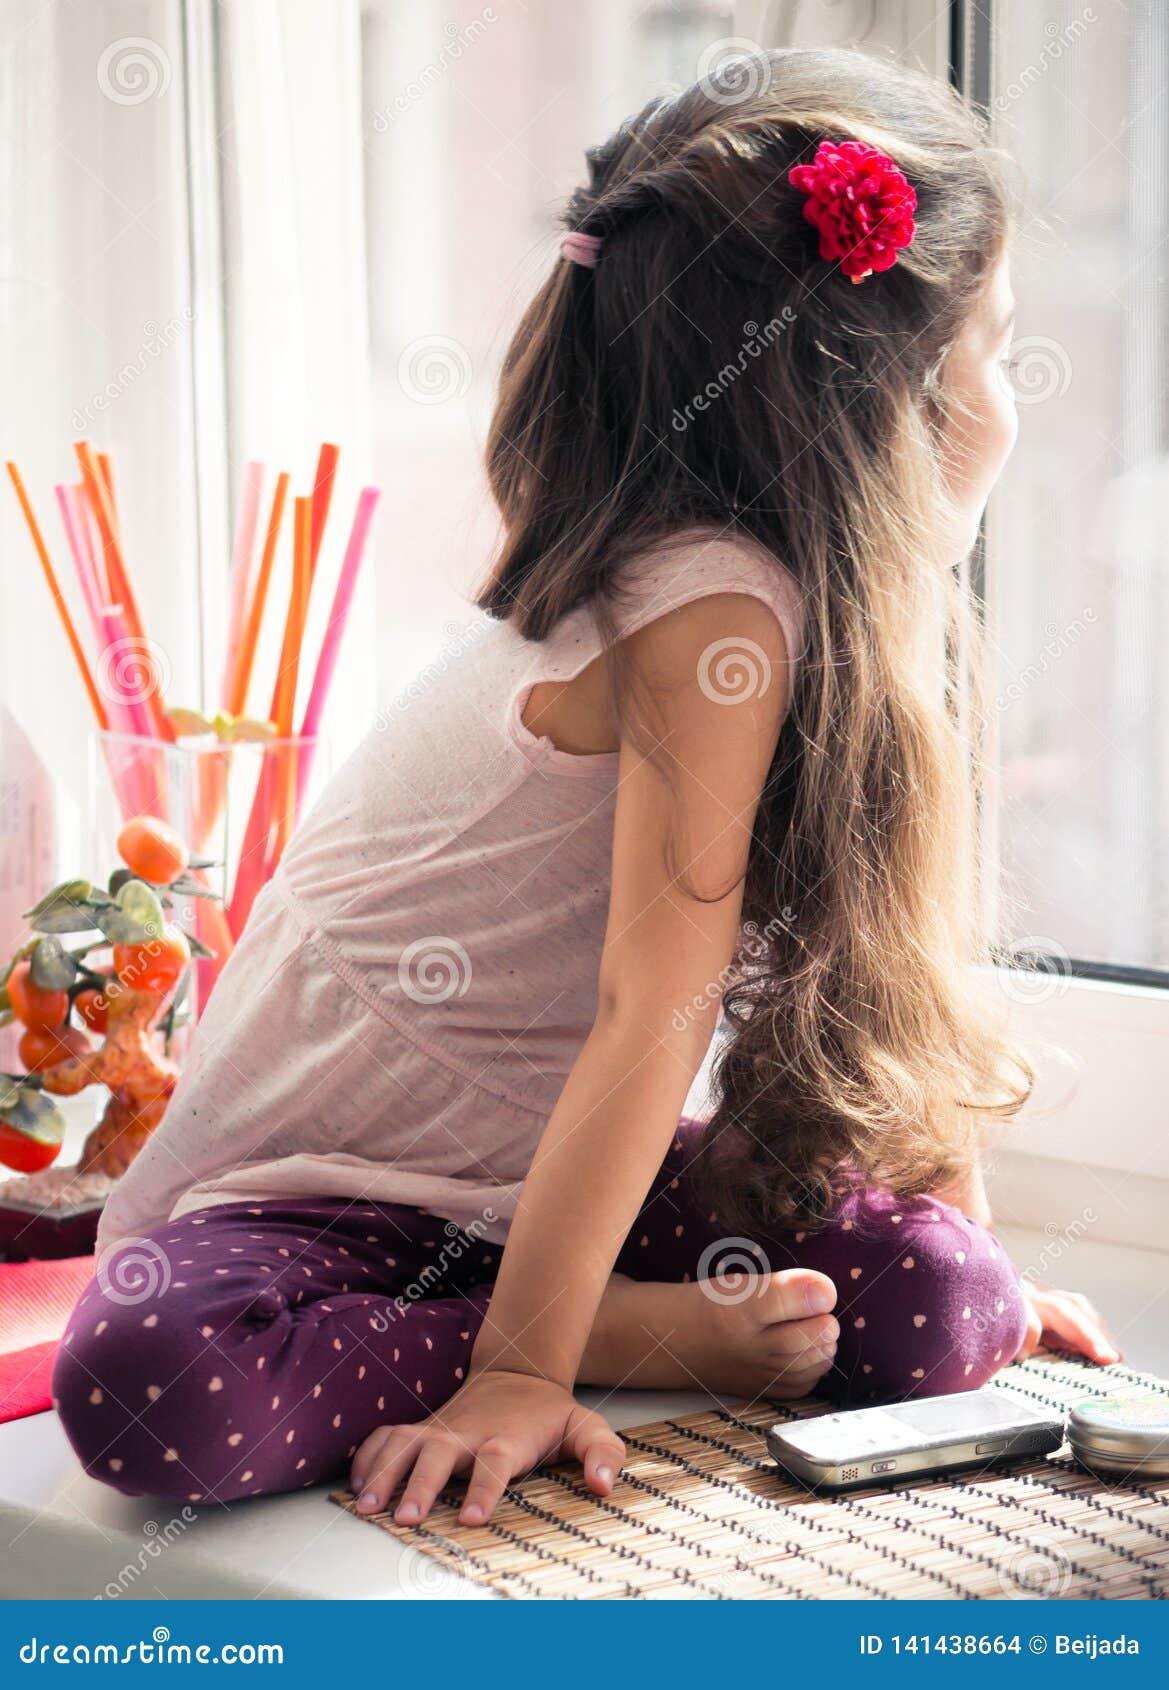 Μικρό κορίτσι στην παράθυρο-στρωματοειδή φλέβα που φαίνεται έξω το παράθυρο